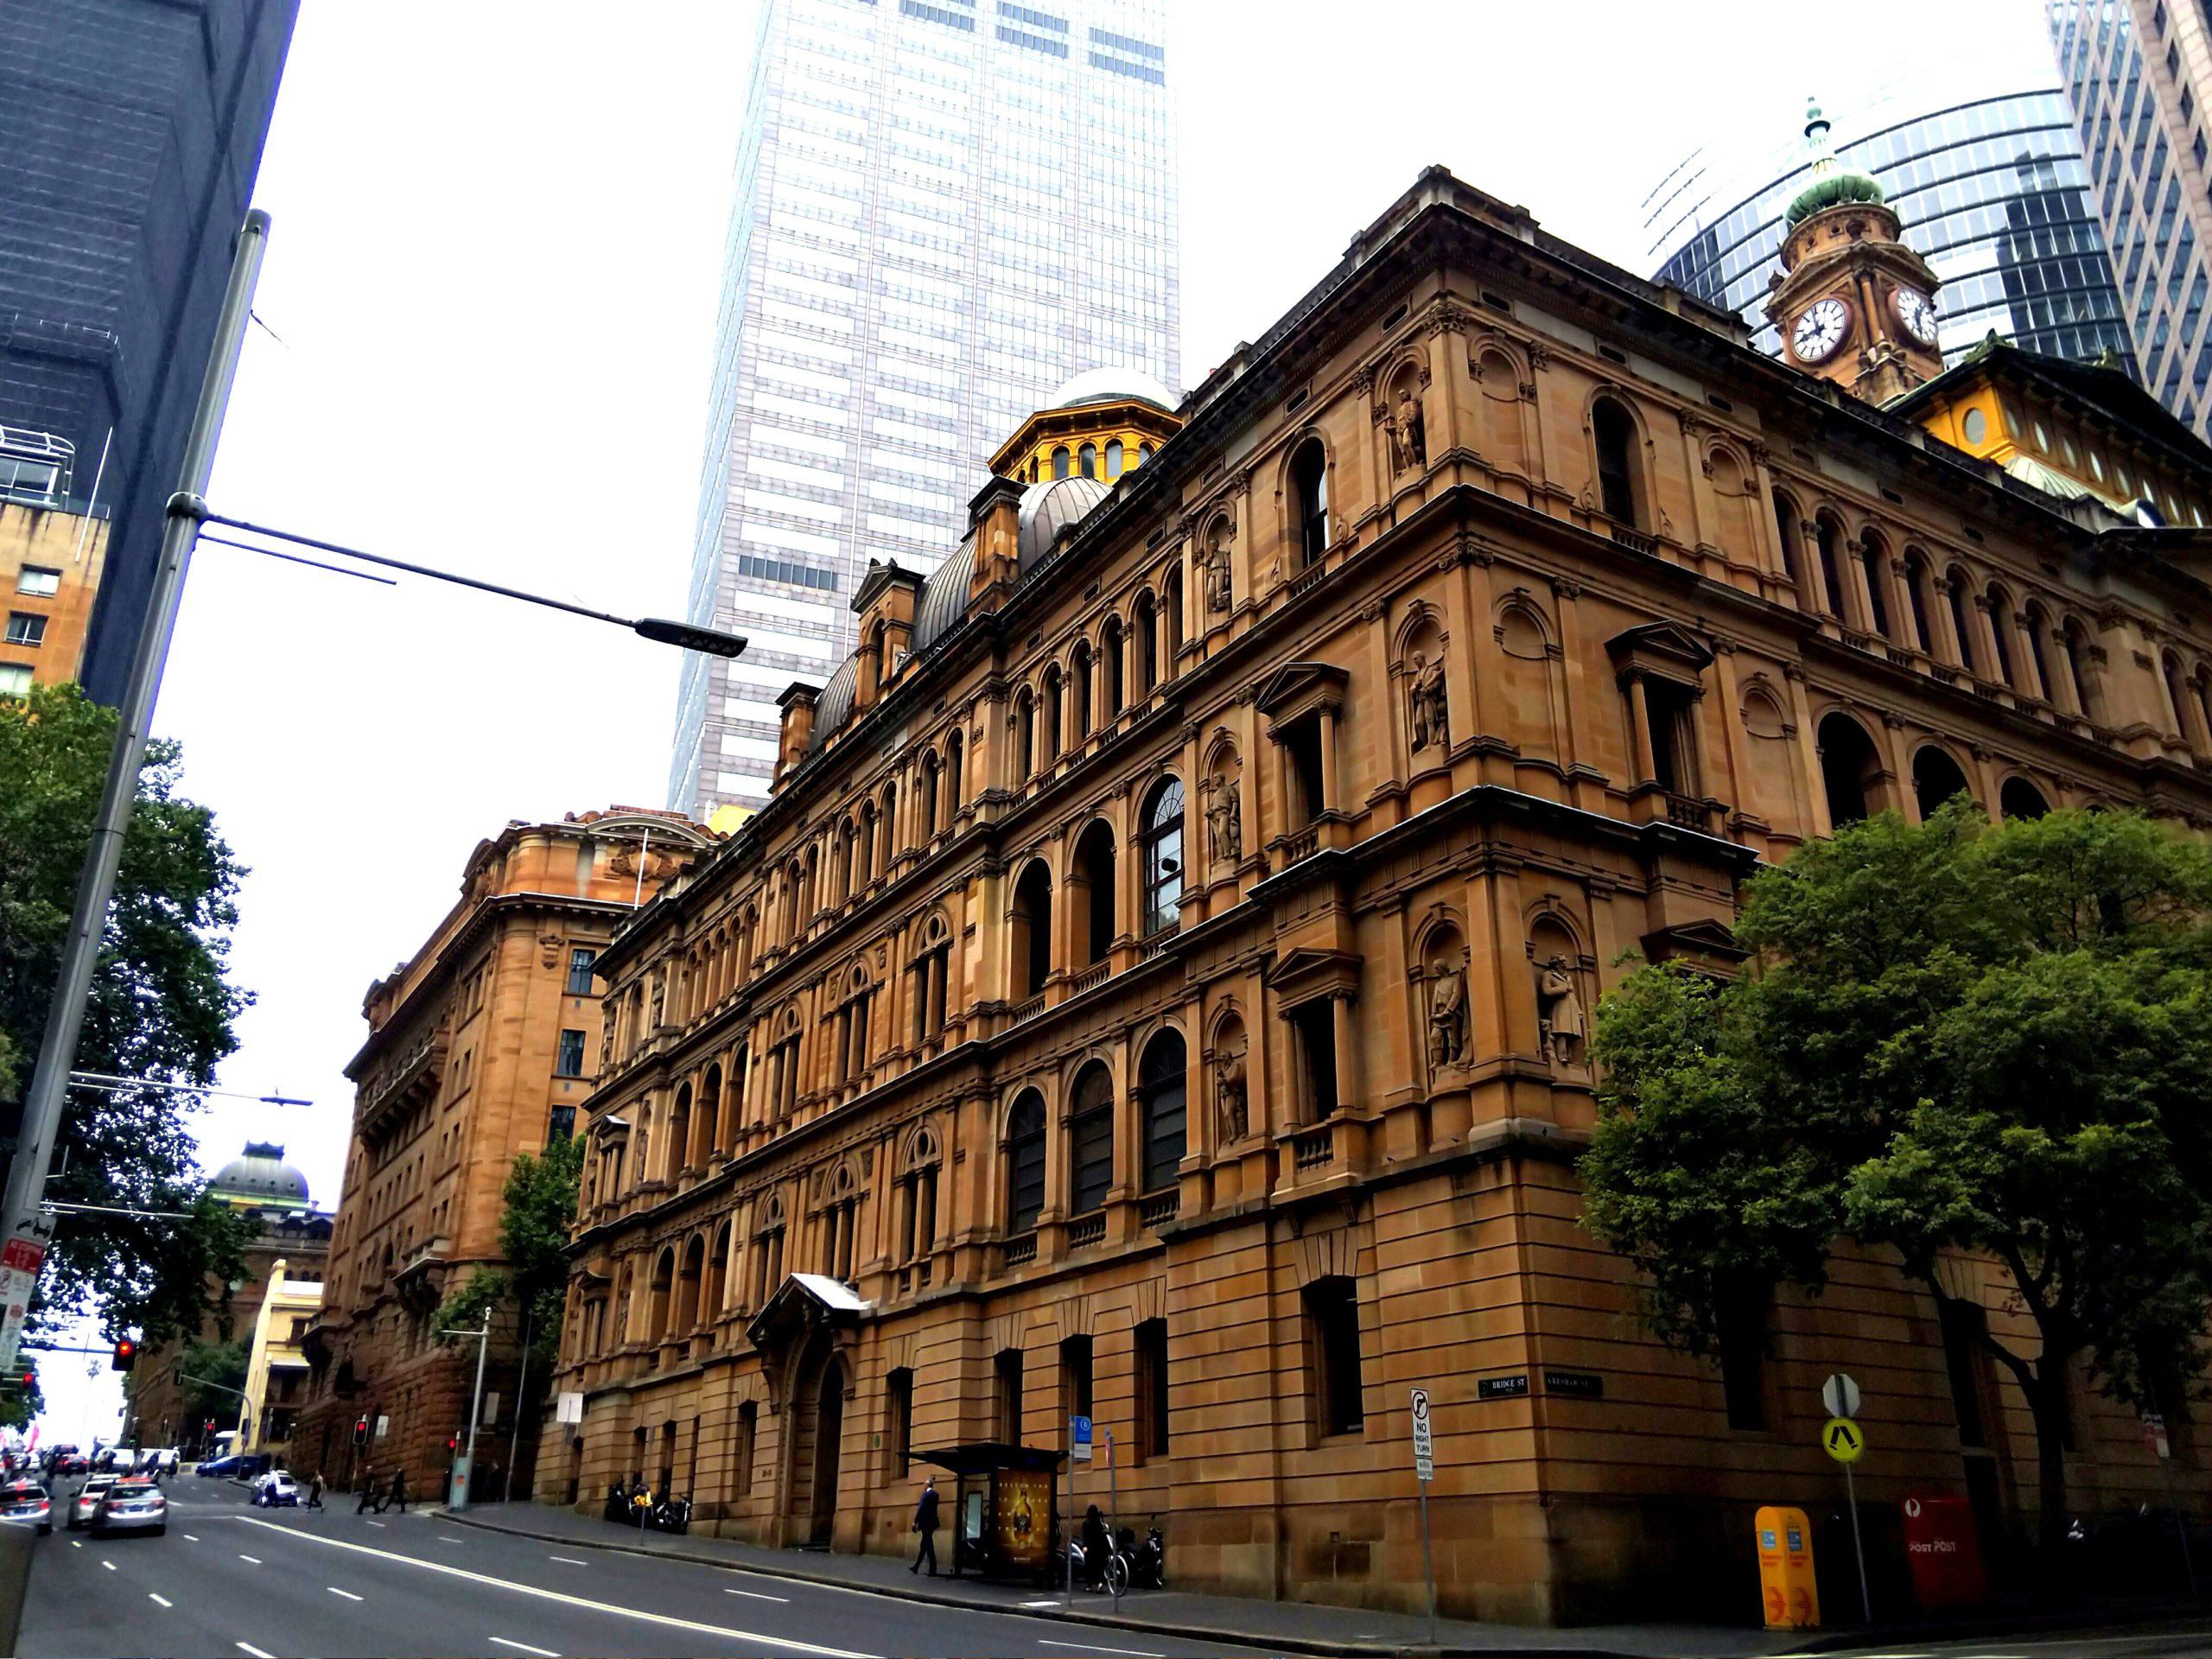 シドニーのおしゃれな街並み